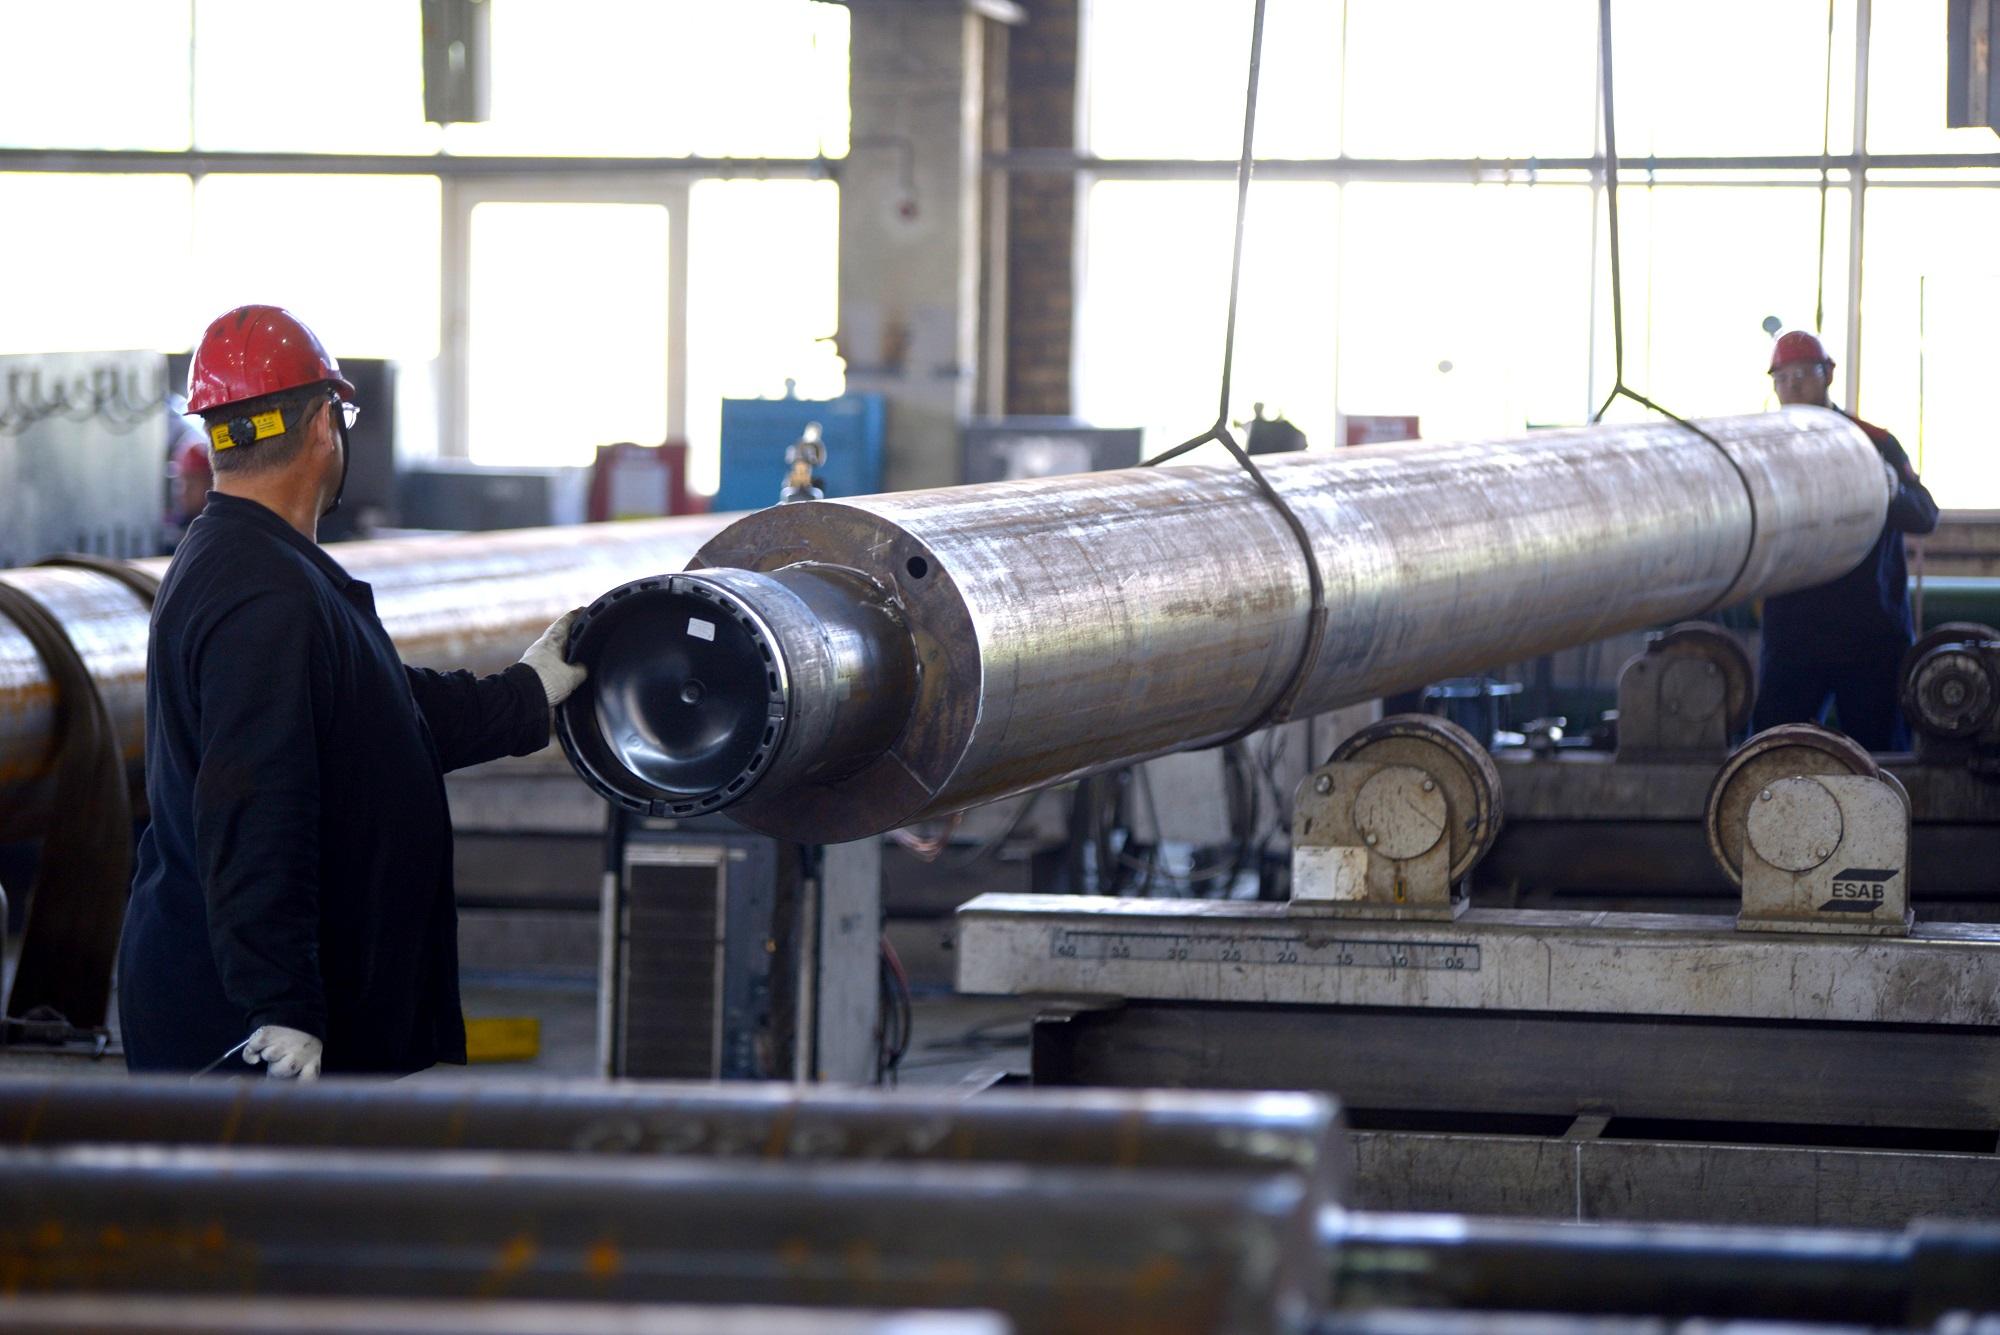 ОМК разработала продукцию для добычи ресурсов в условиях вечной мерзлоты